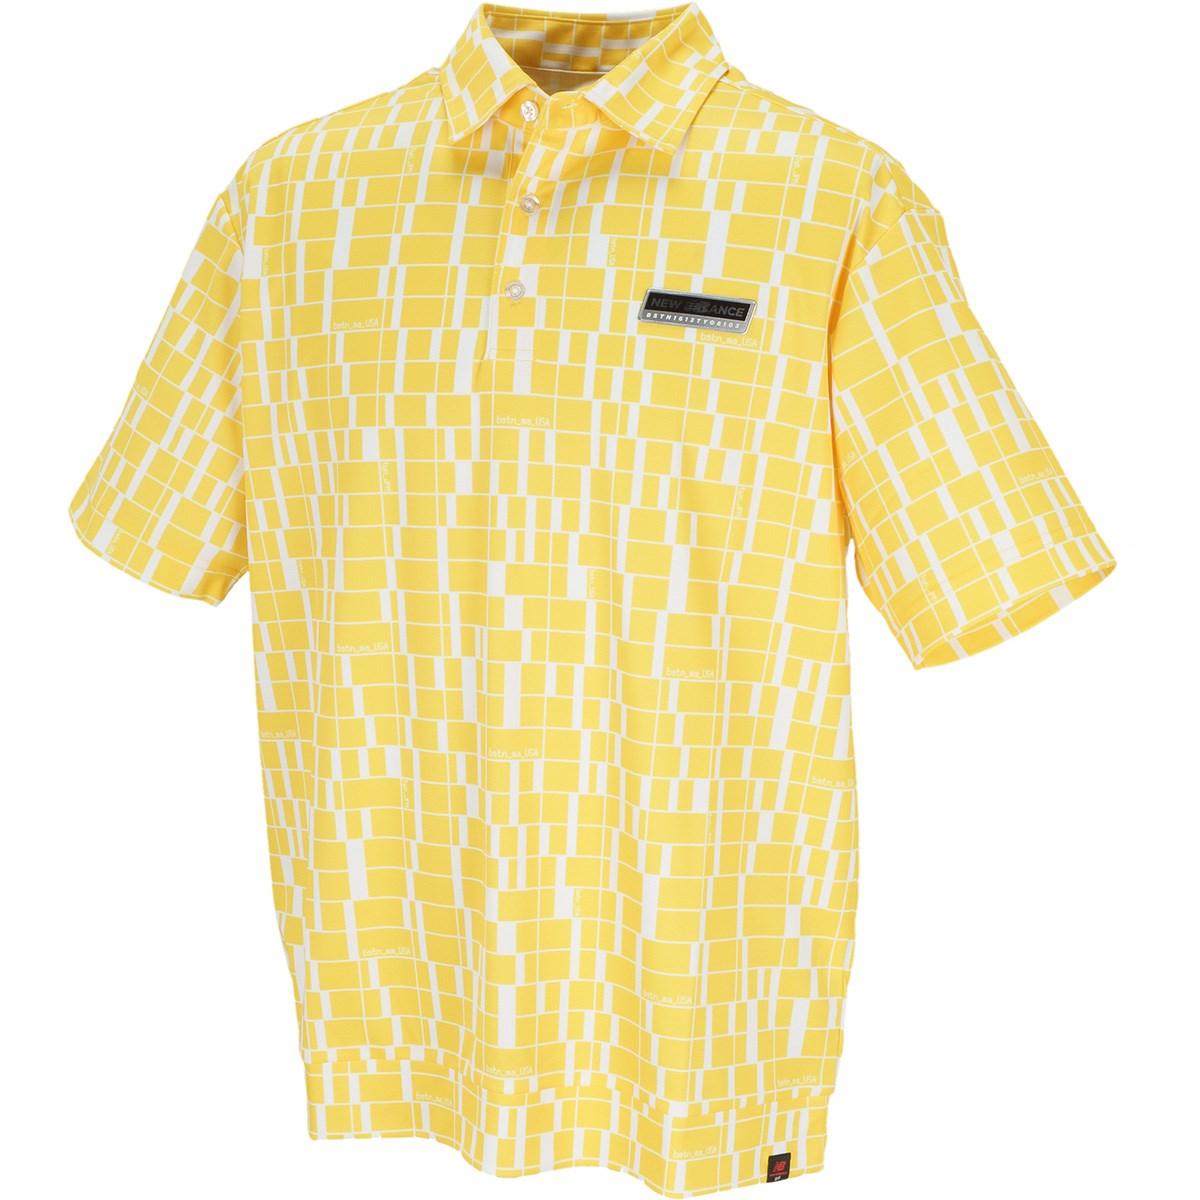 ニューバランス METRO 半袖カラーポロシャツ